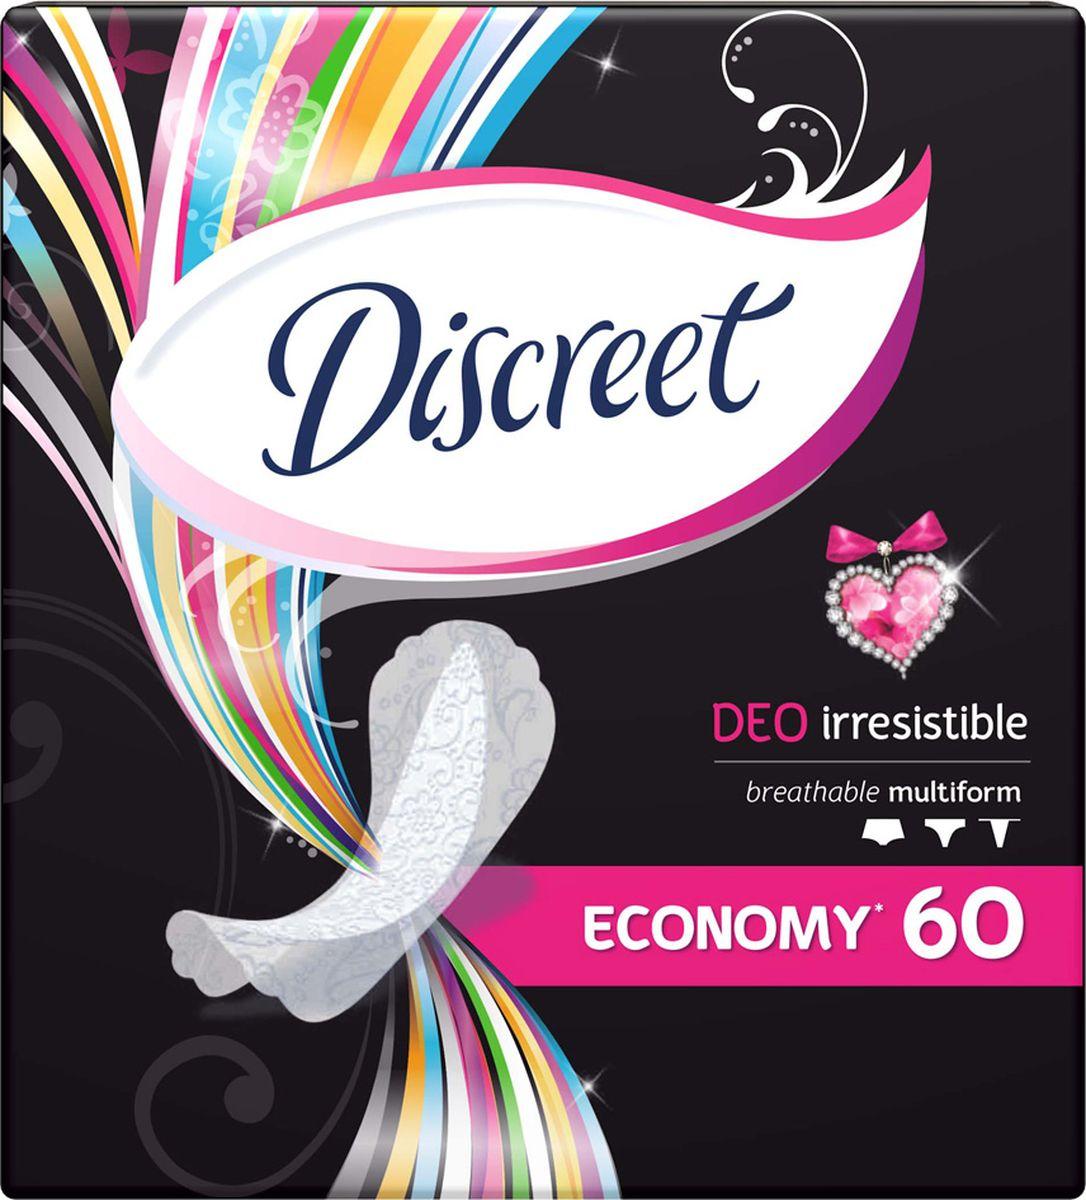 Discreet Женские гигиенические прокладки на каждый день Deo Irresistible Multiform Trio 60 штDB4010(DB4.510)/голубой/розовыйЕжедневные экстрадышащие гигиенические прокладки, которые сохраняют свежесть до 12 часов